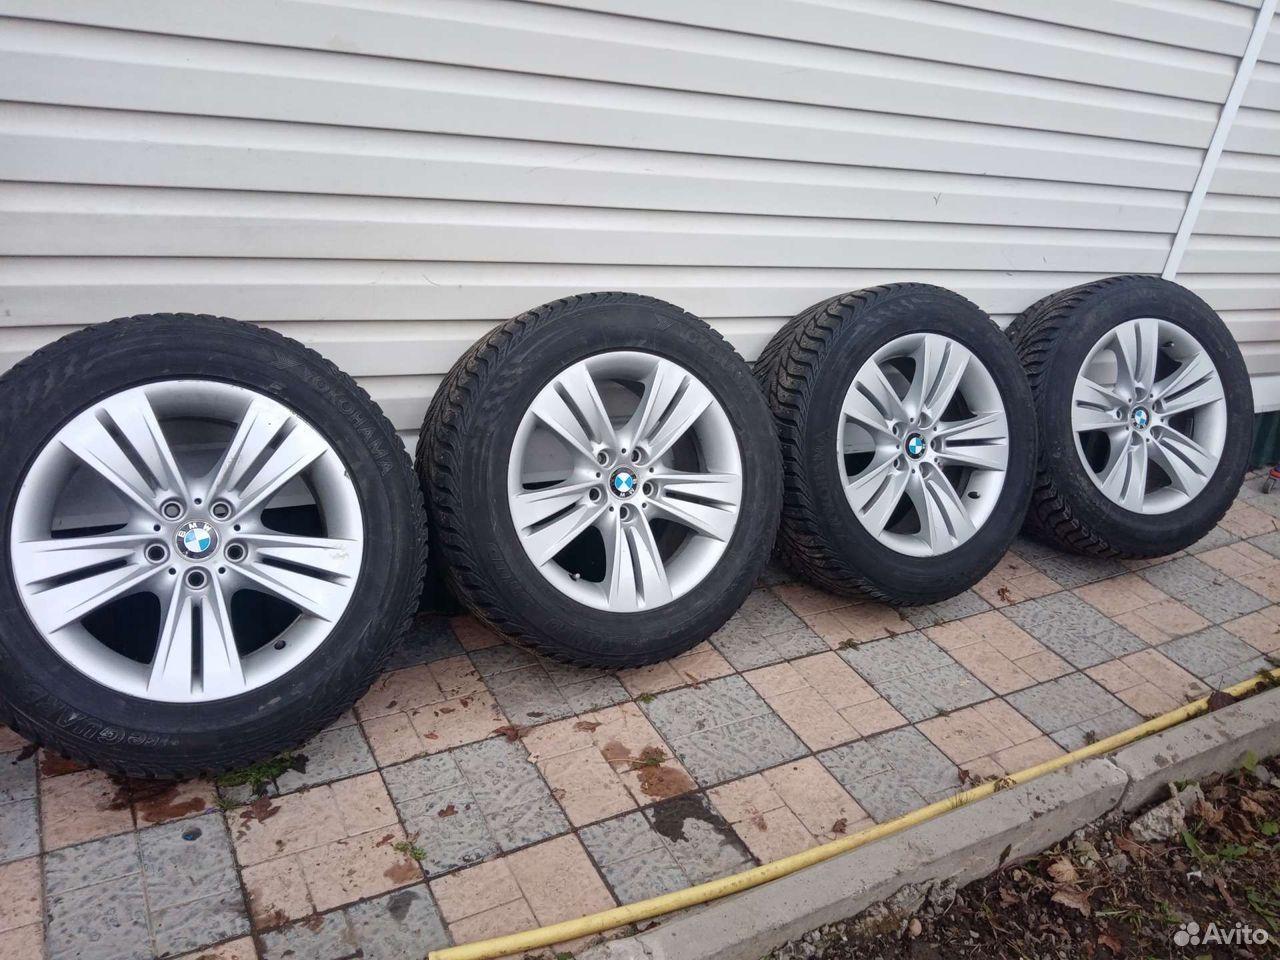 Литье и шины Бмв 18-255-55  89025666423 купить 1